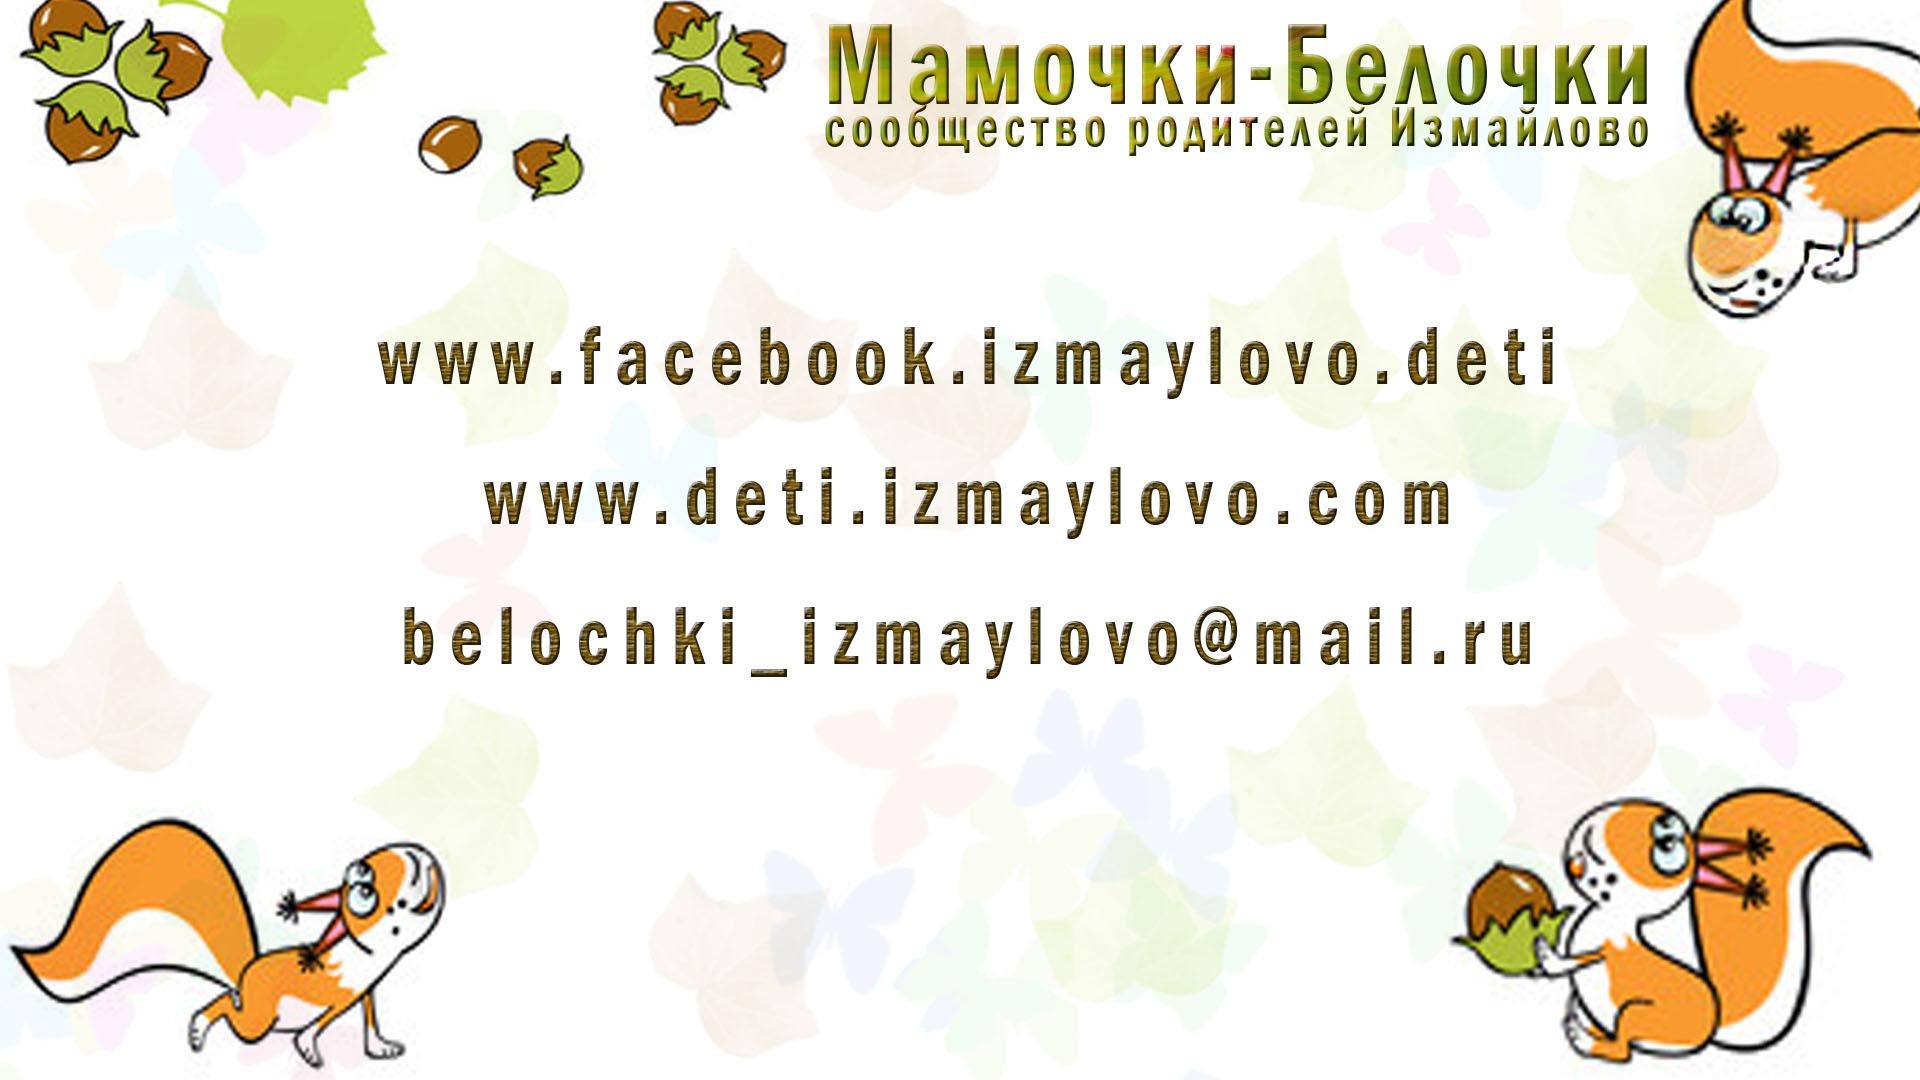 Конкурс на создание макета визиток сообщества мам (белочки). фото f_79359bb902cb120e.jpg